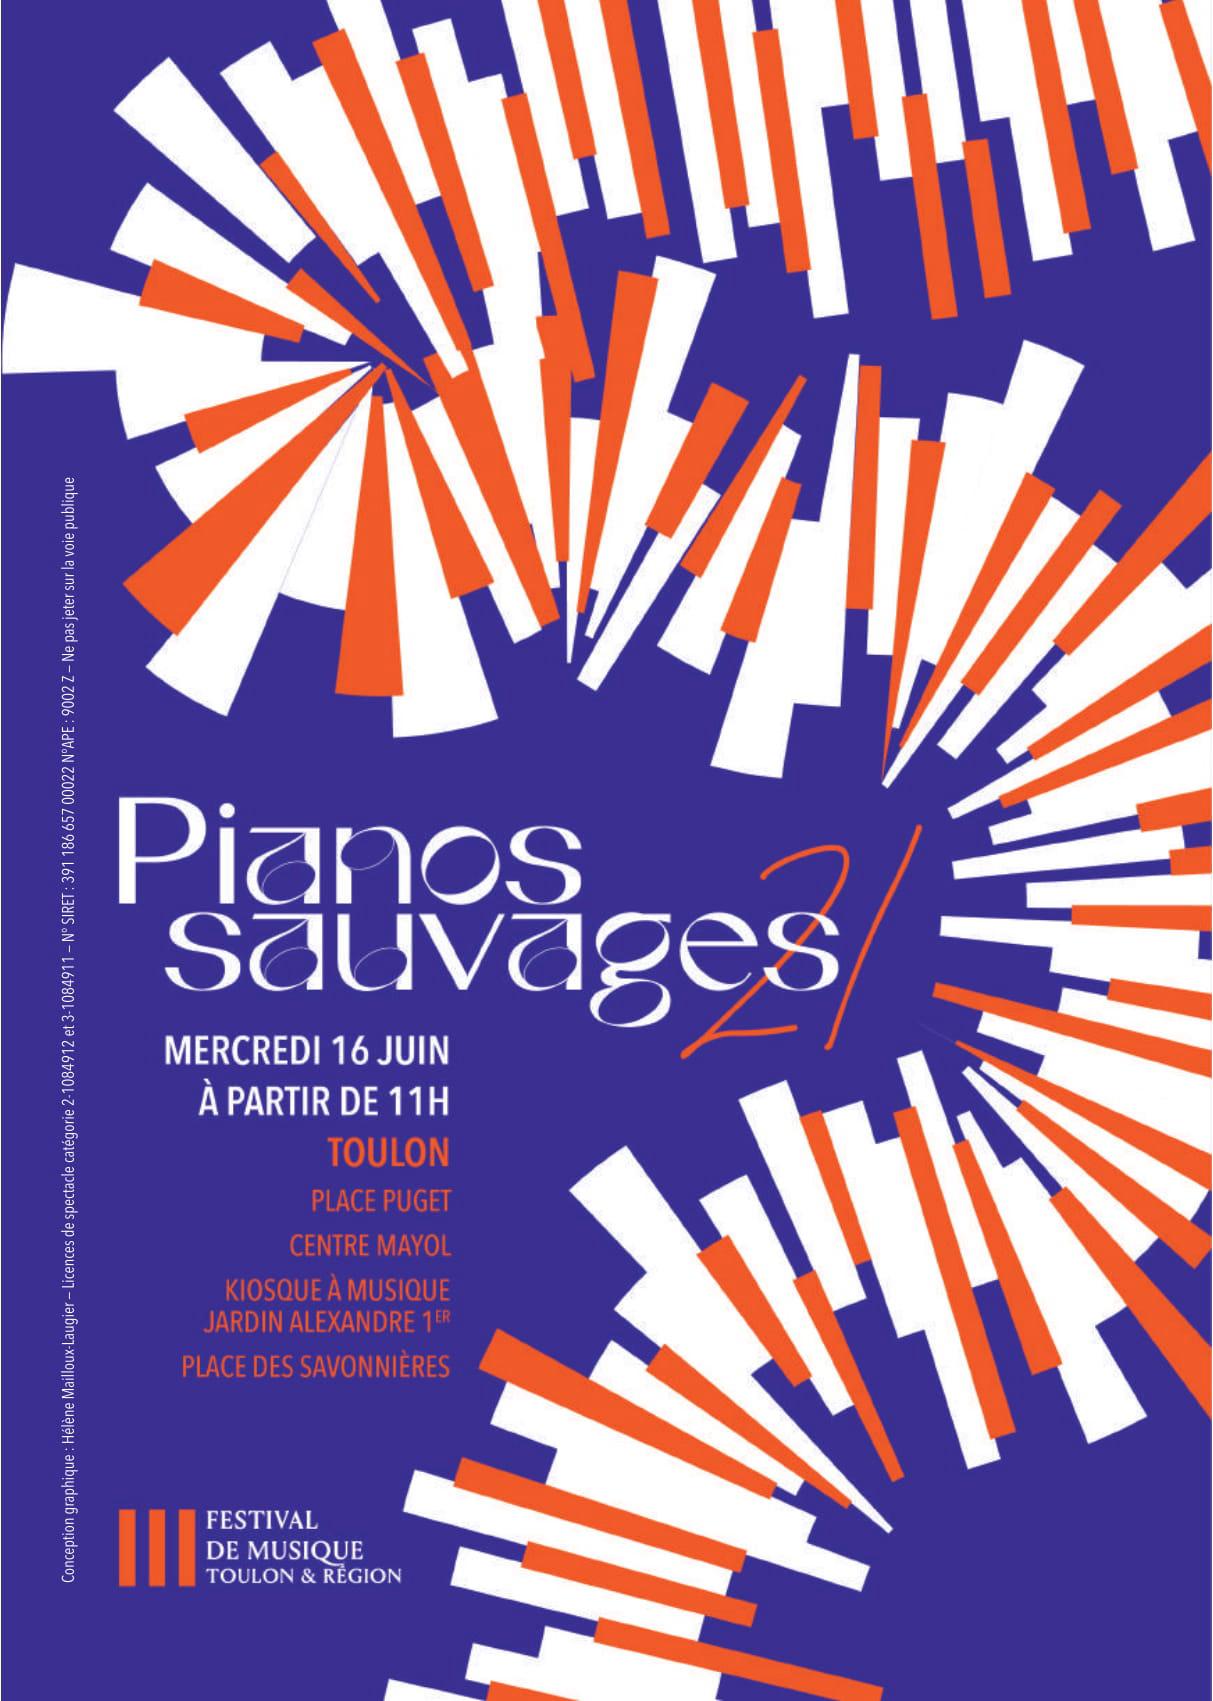 Pianos Sauvages - Festival de Musique de Toulon & Région